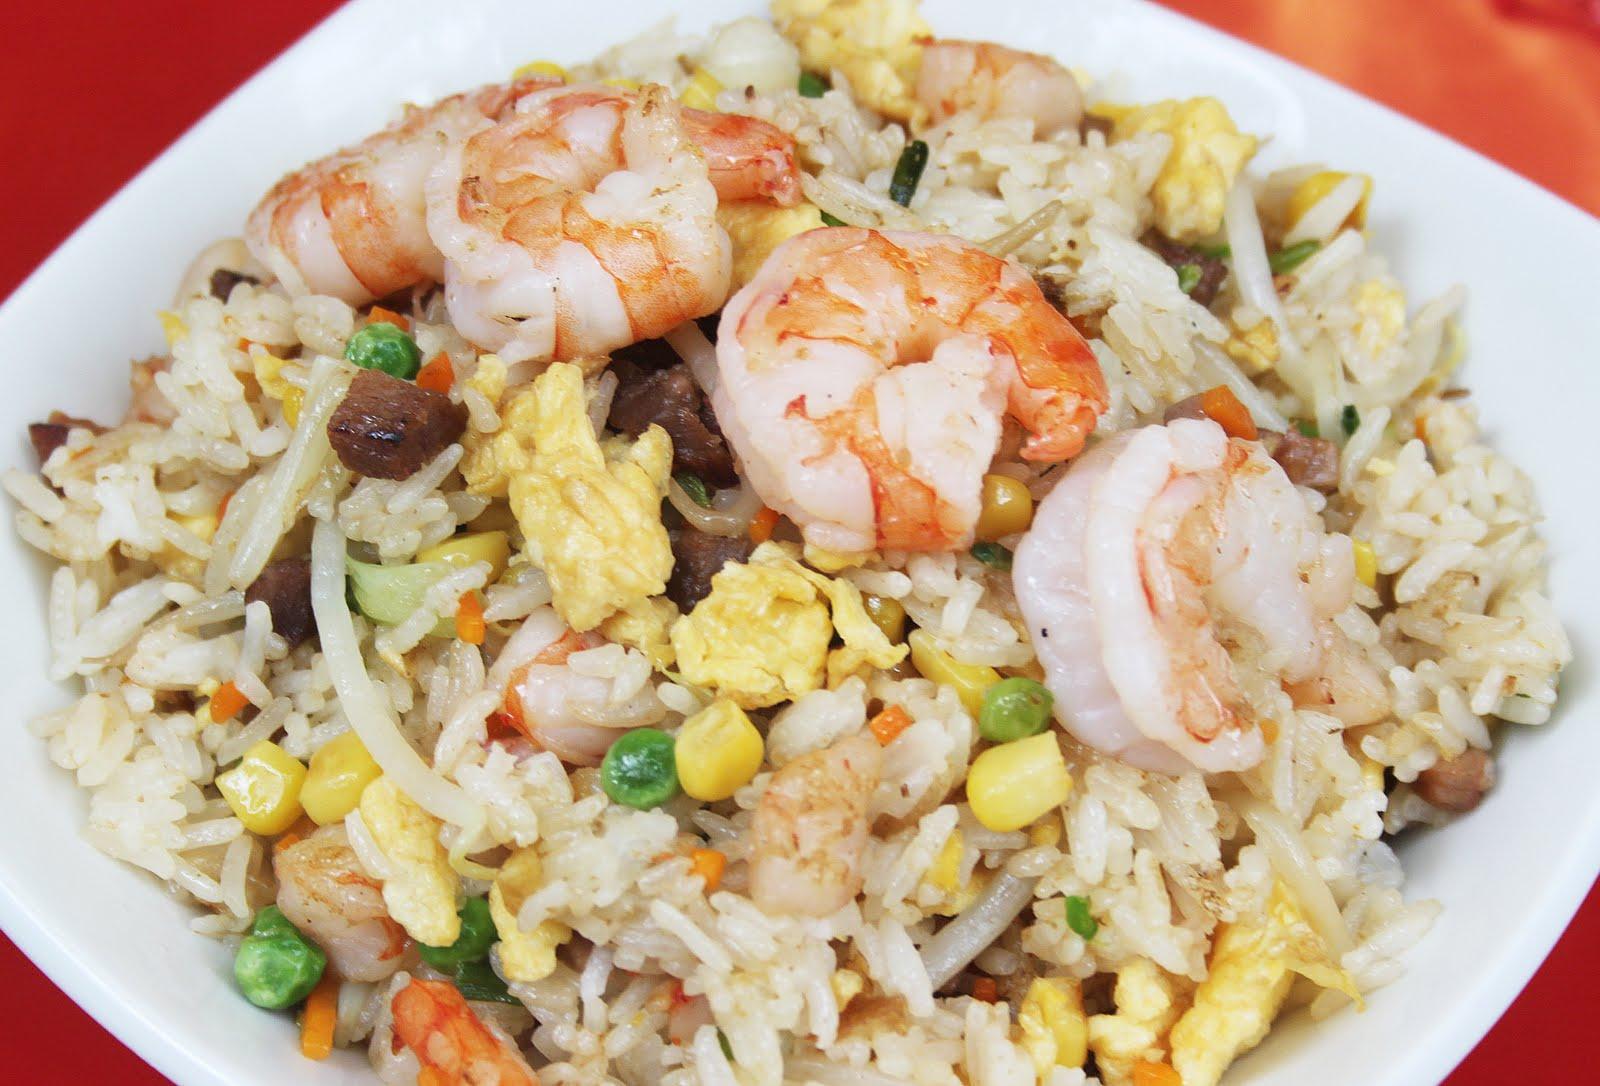 Recette du riz cantonnais (tout cela est approximatif et peut être adapté  en fonction de chacun!)